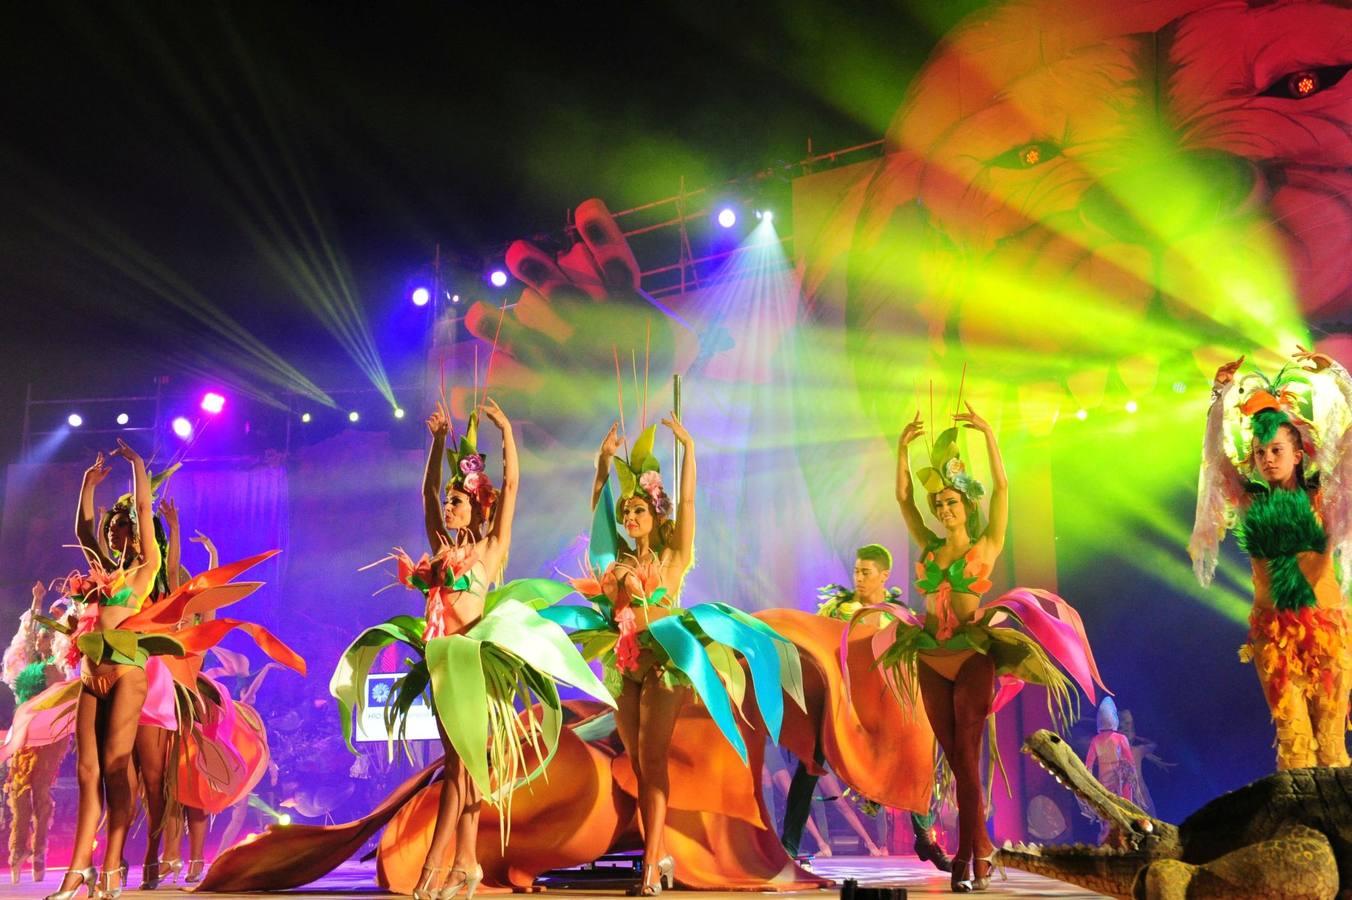 Una fascinante obertura abrió el espectáculo, que contó con la participación del Drag ganador en 2013